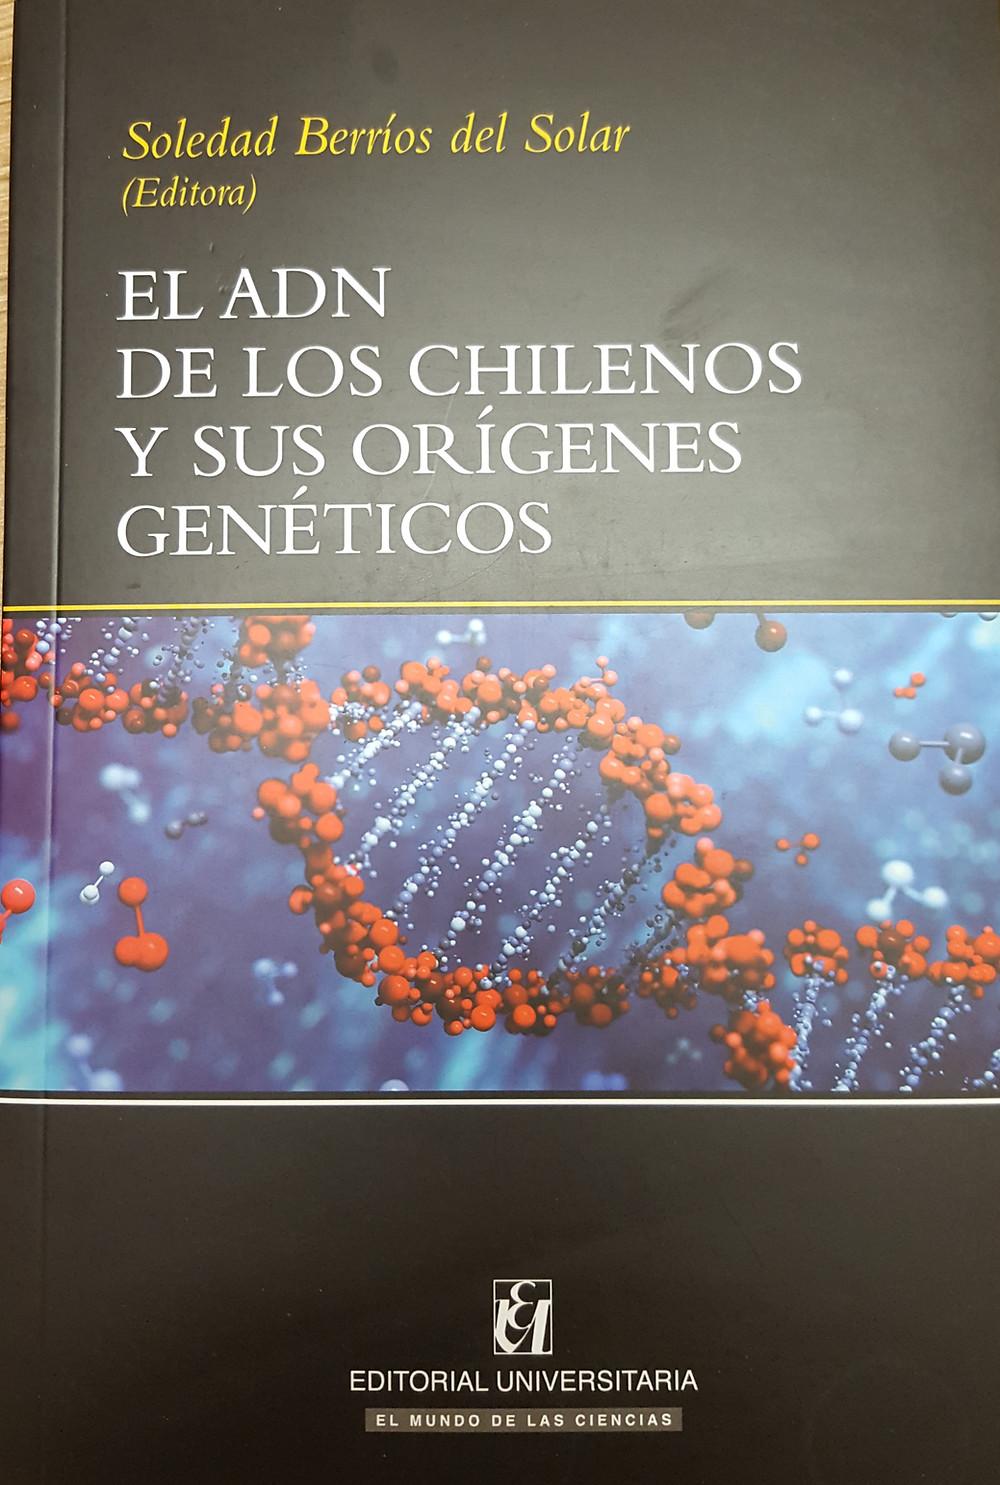 ADN y orígen genético de los chilenos